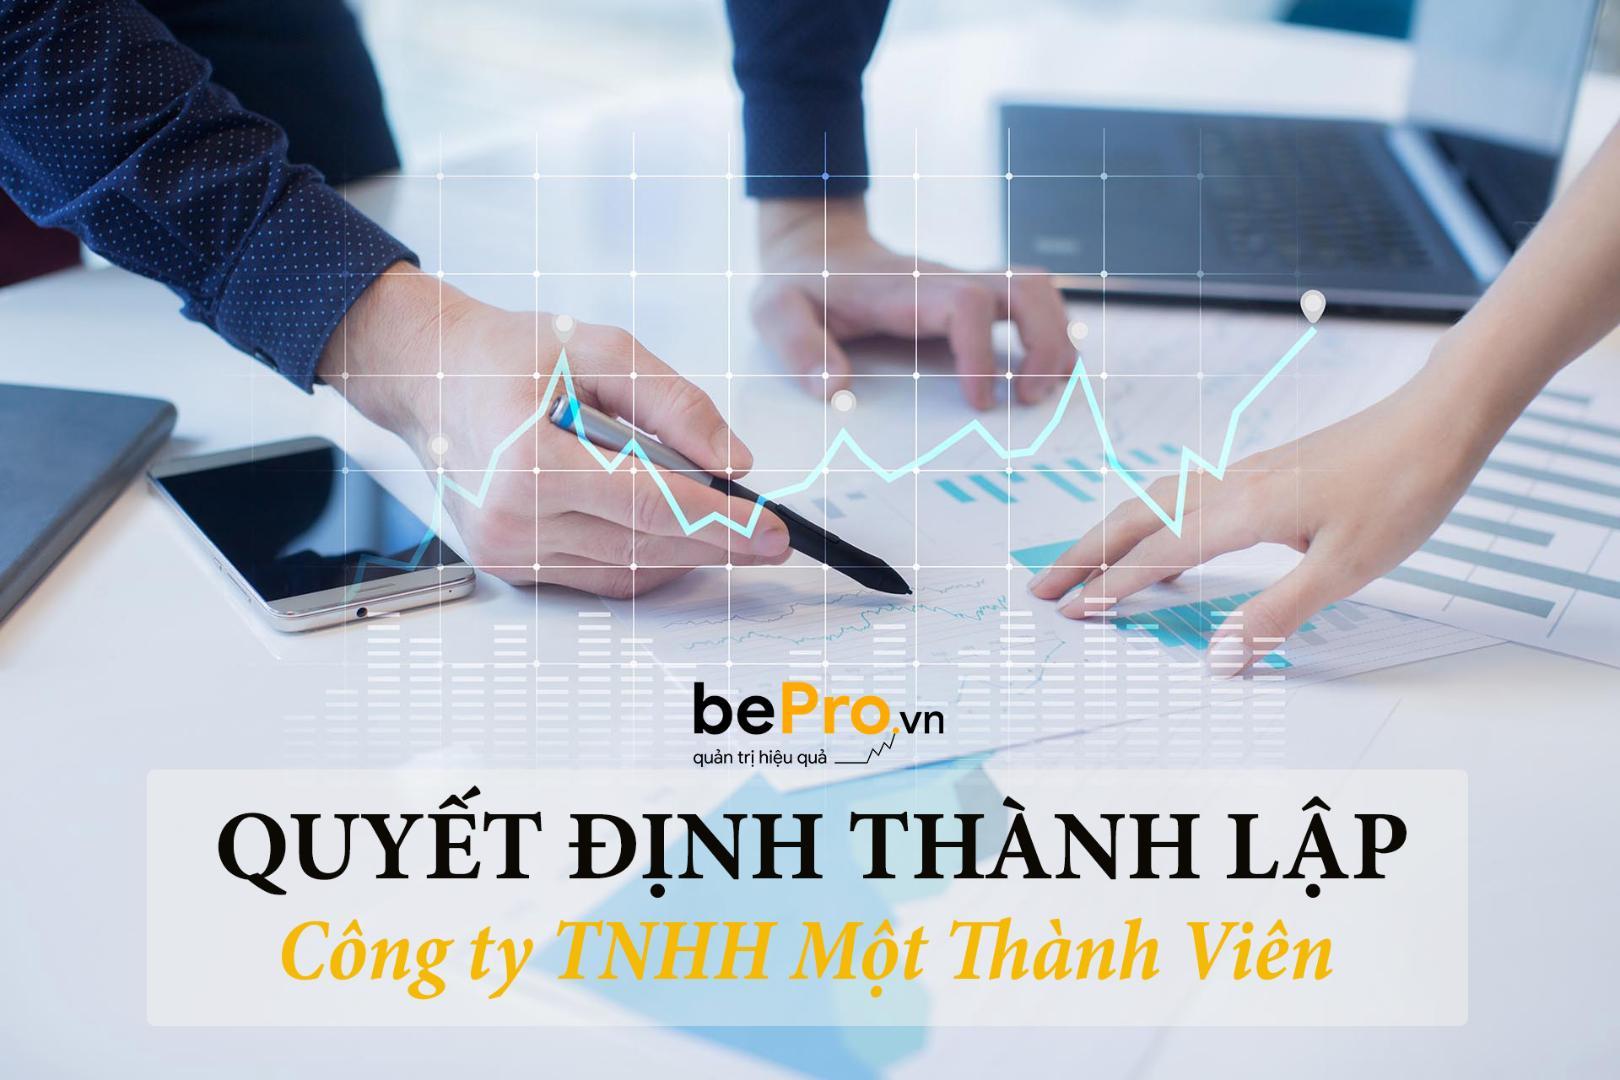 Quyết định thành lập công ty TNHH 1 thành viên